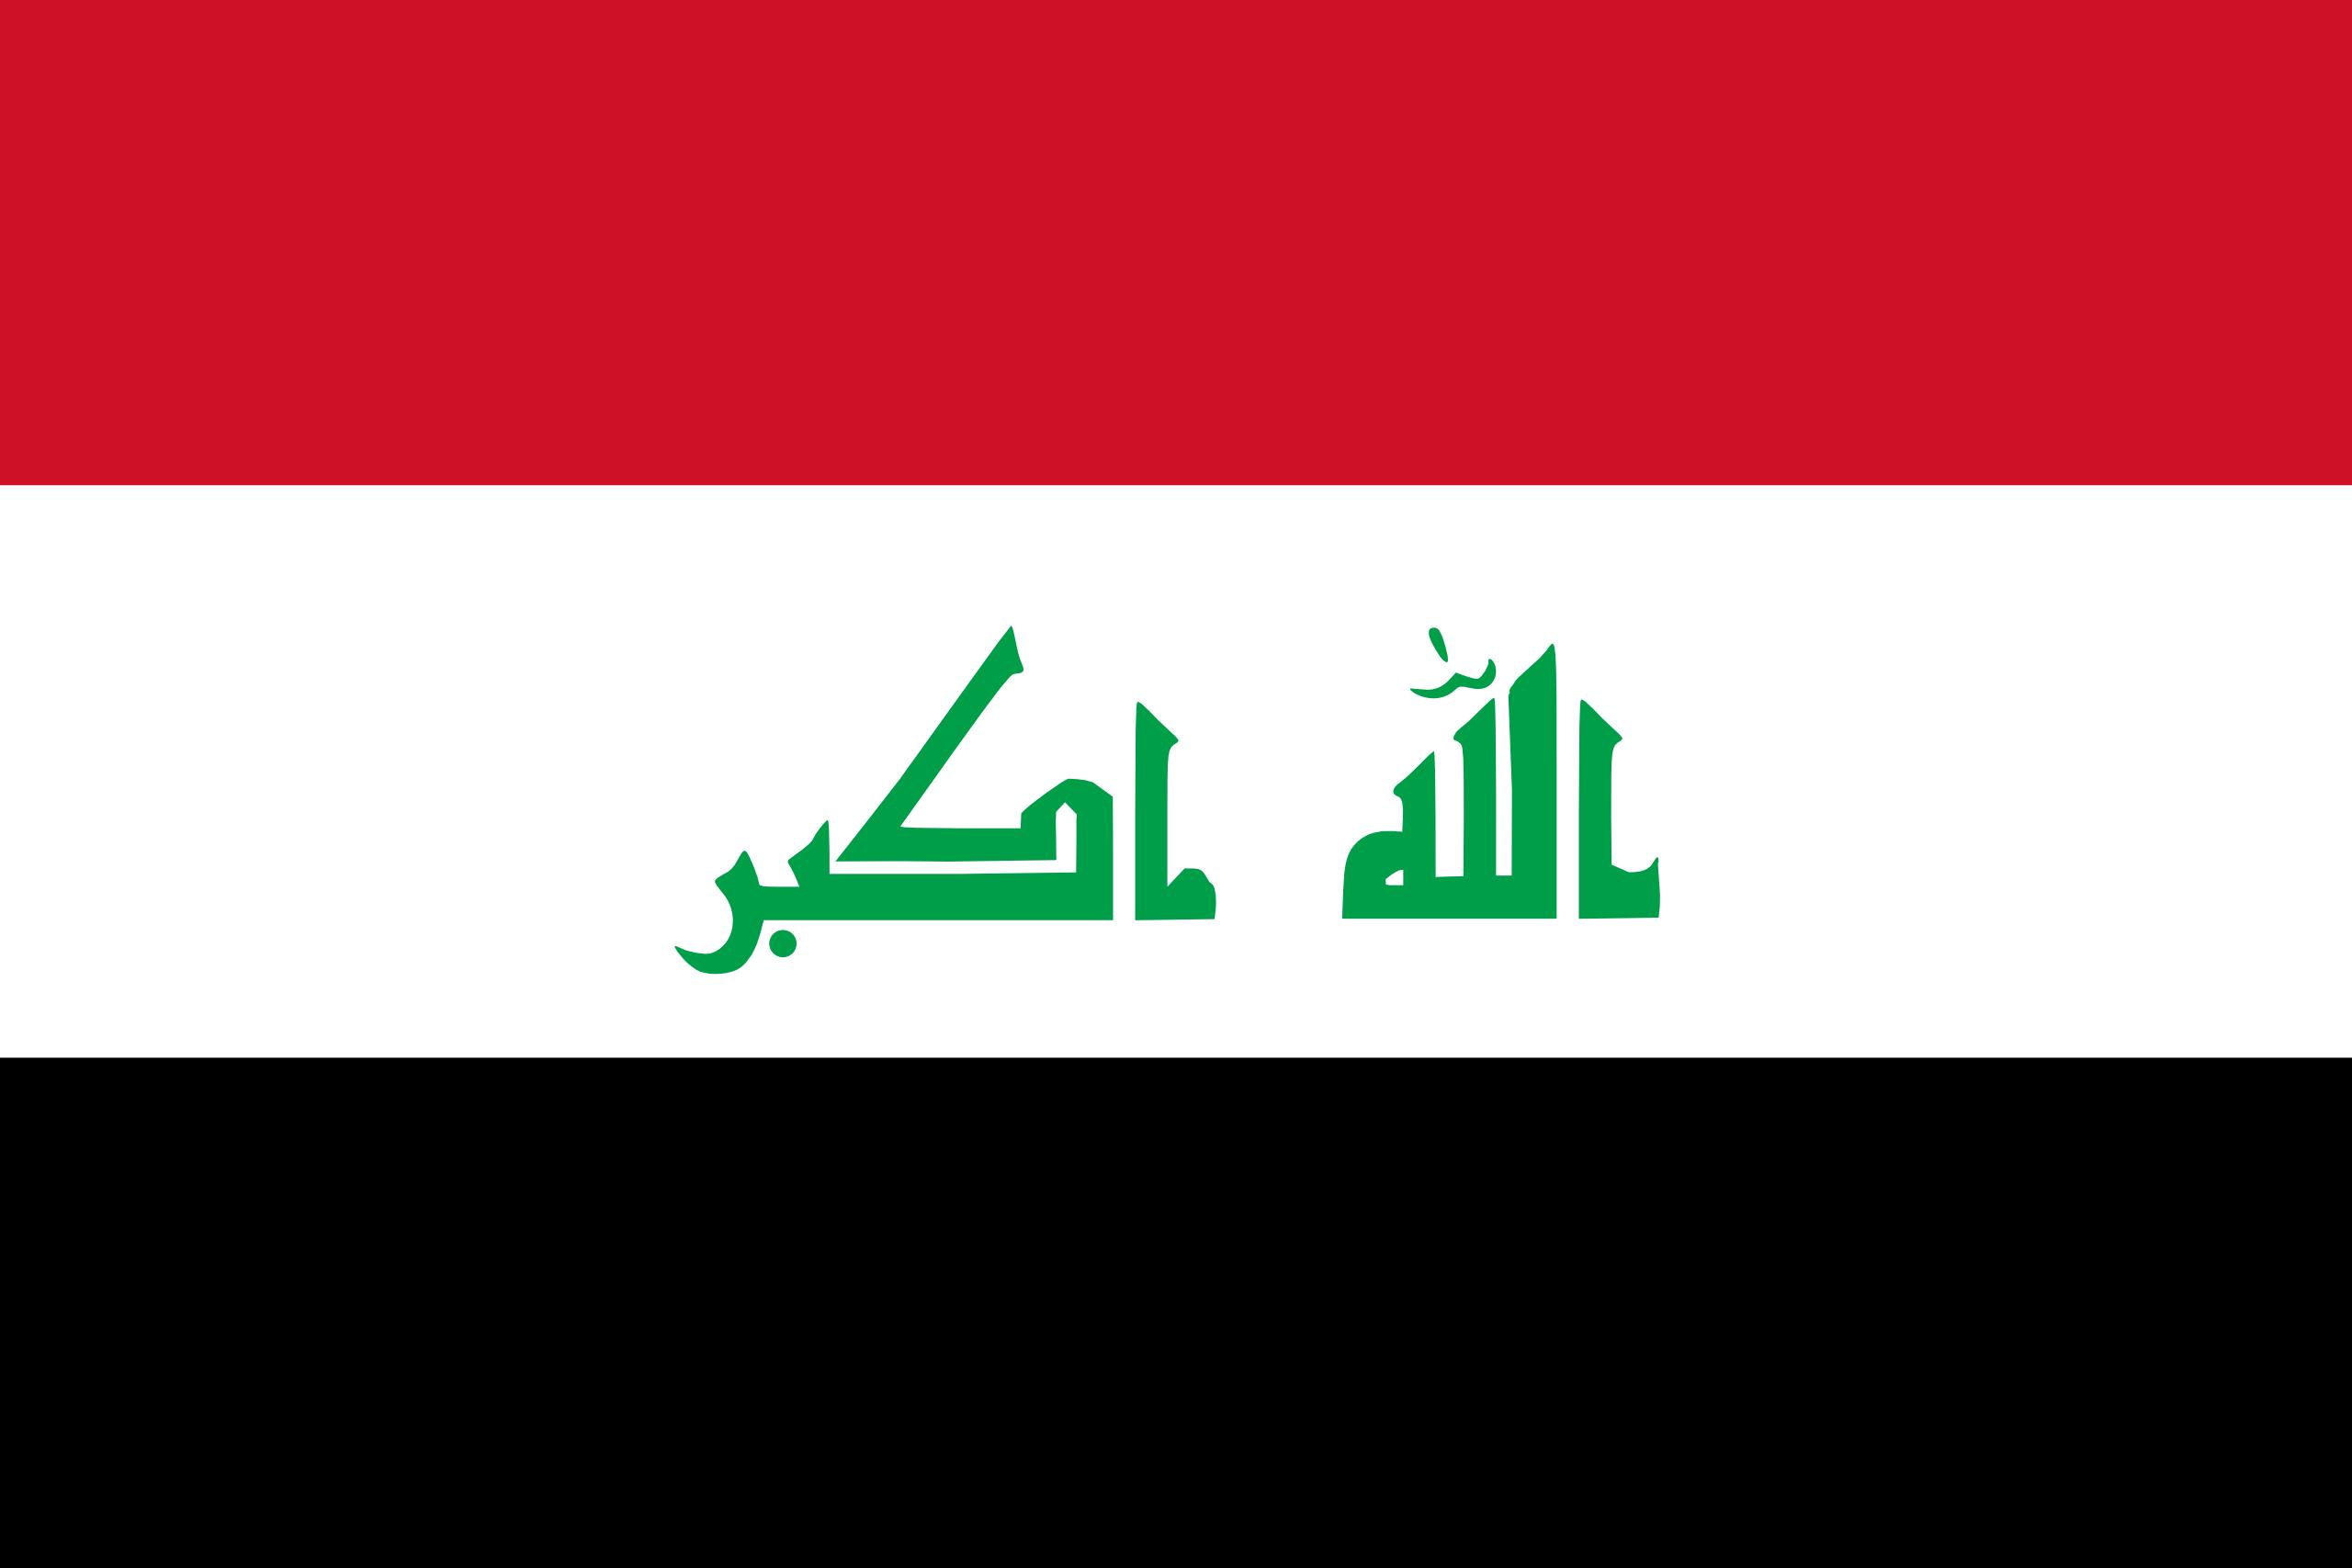 Iraque, país, Brasão de armas, logotipo, símbolo - Papéis de parede HD - Professor-falken.com